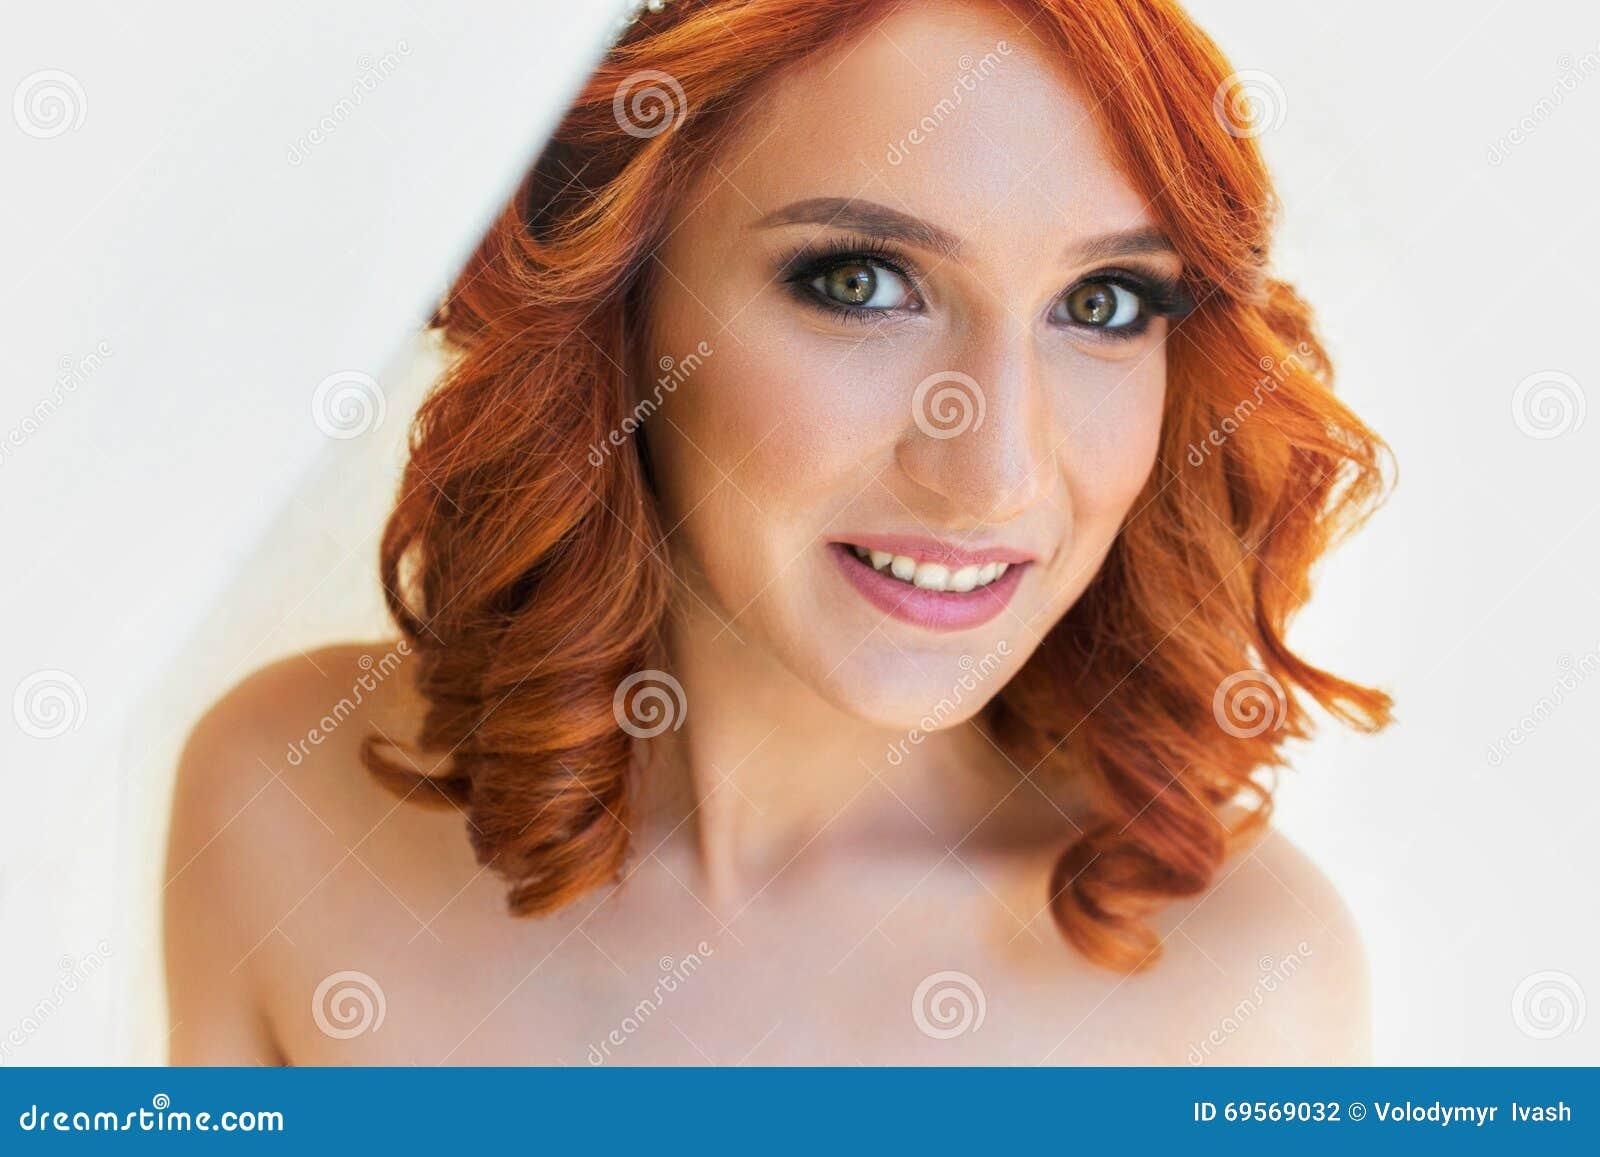 beautiful bride eyes - photo #27